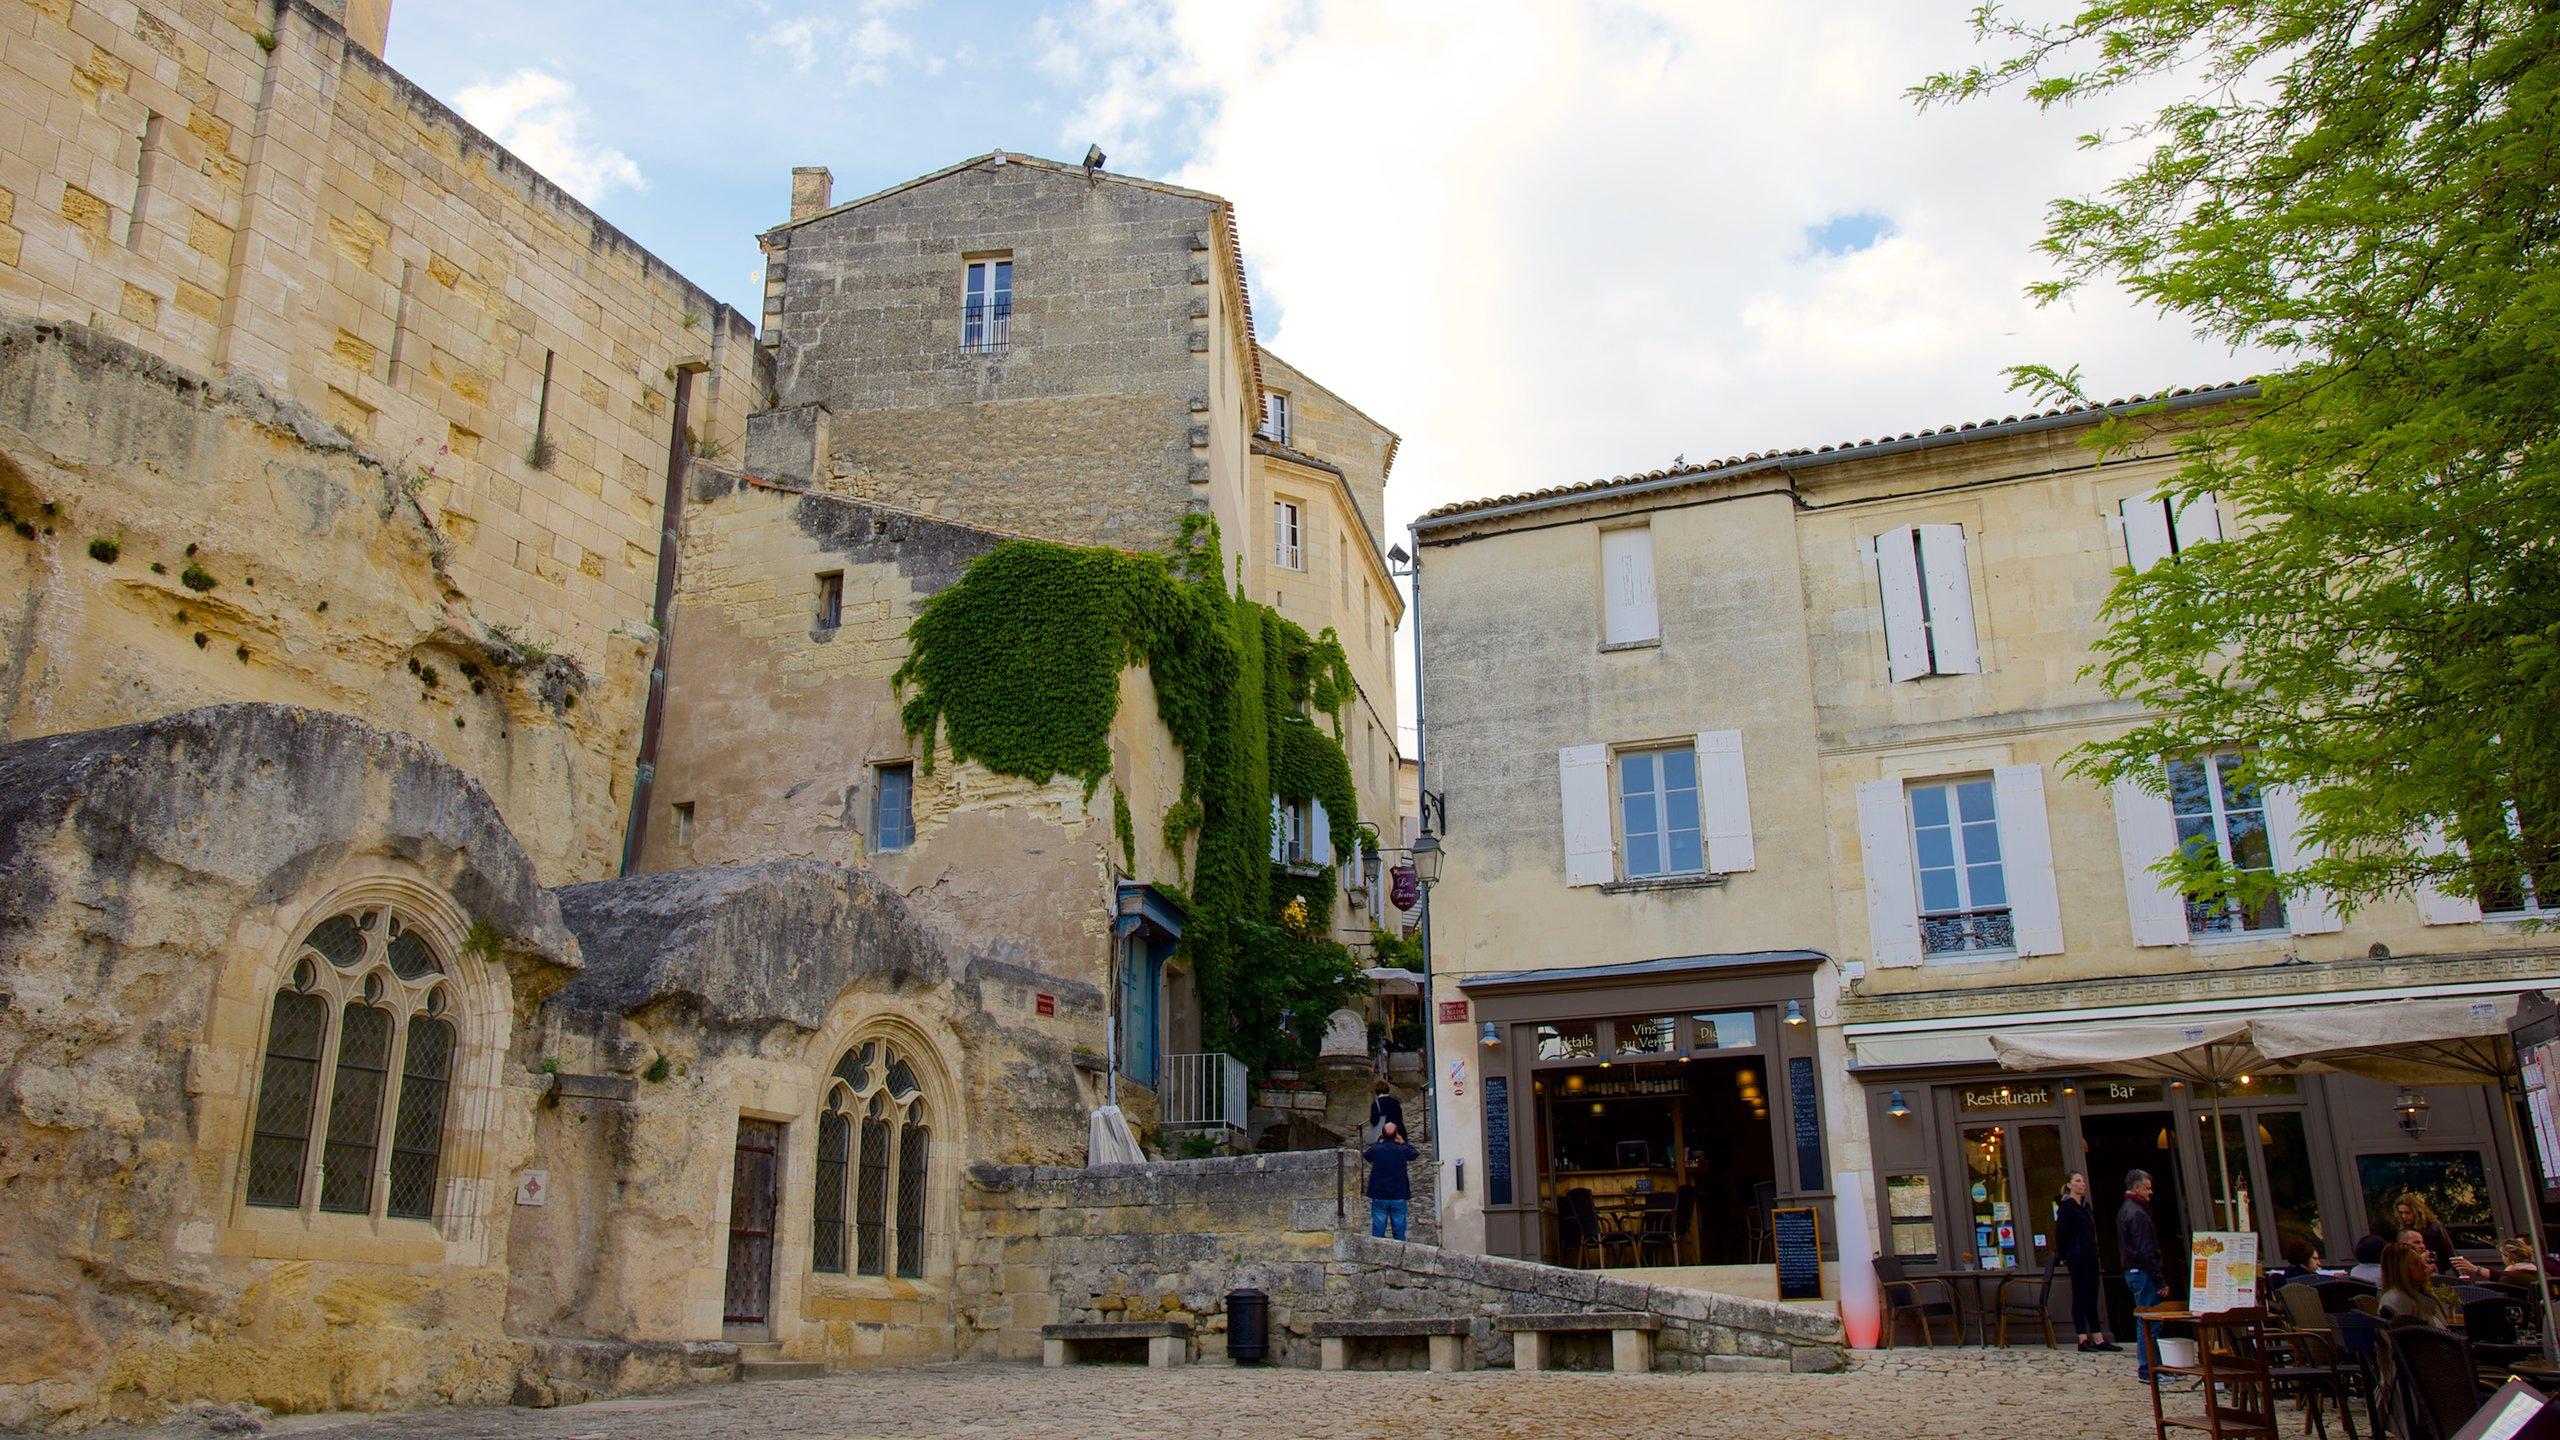 Saint-Emilion Monolithic Church, Saint-Émilion, Gironde, France